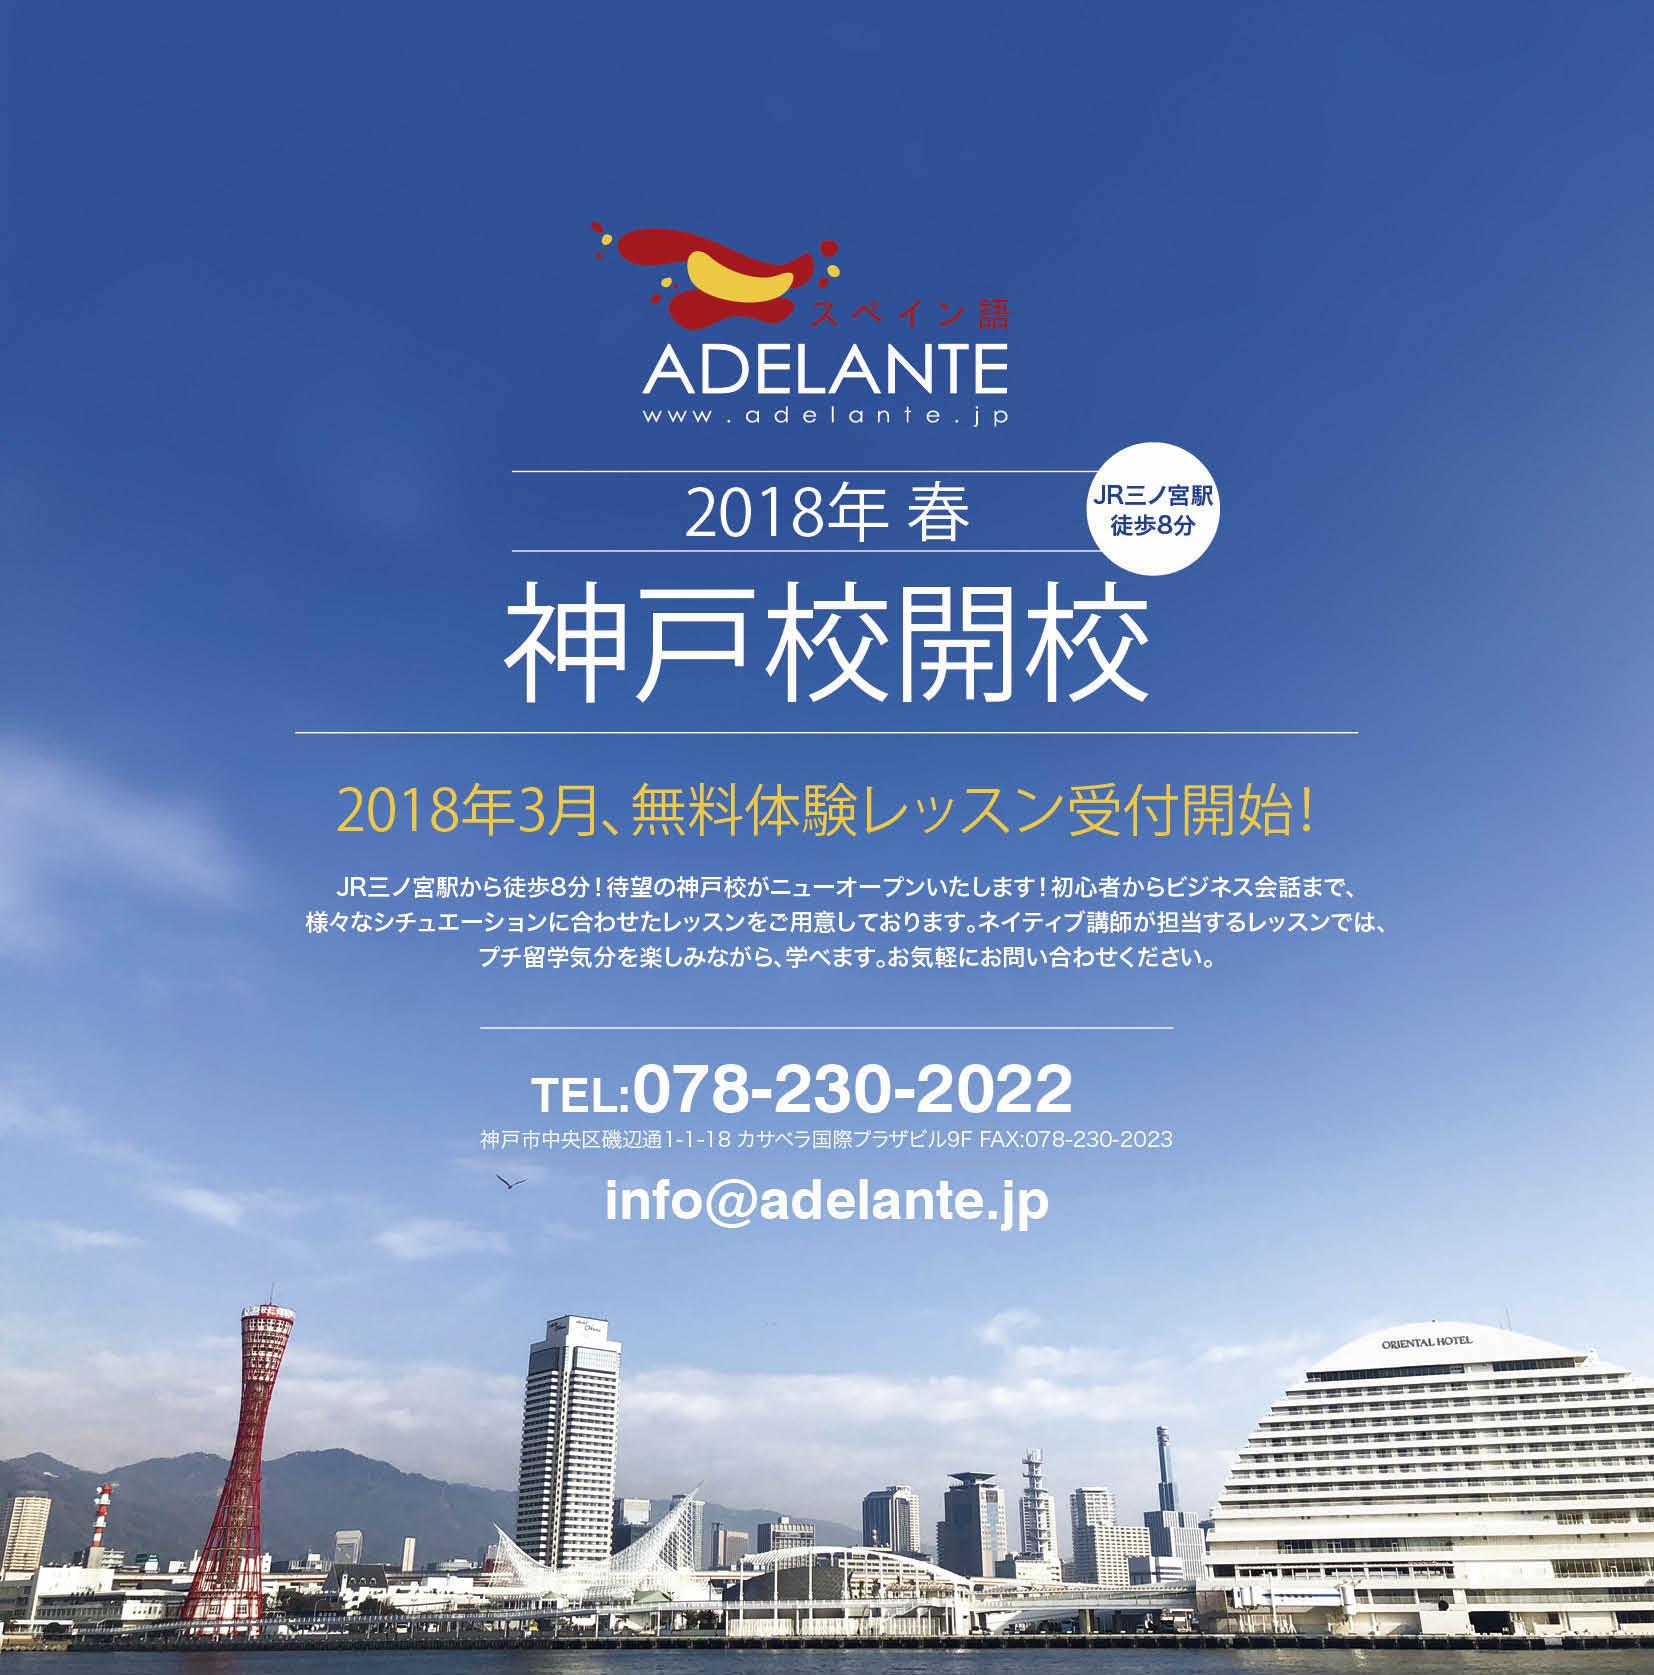 ADELANTE 神戸校 ニューオープン!